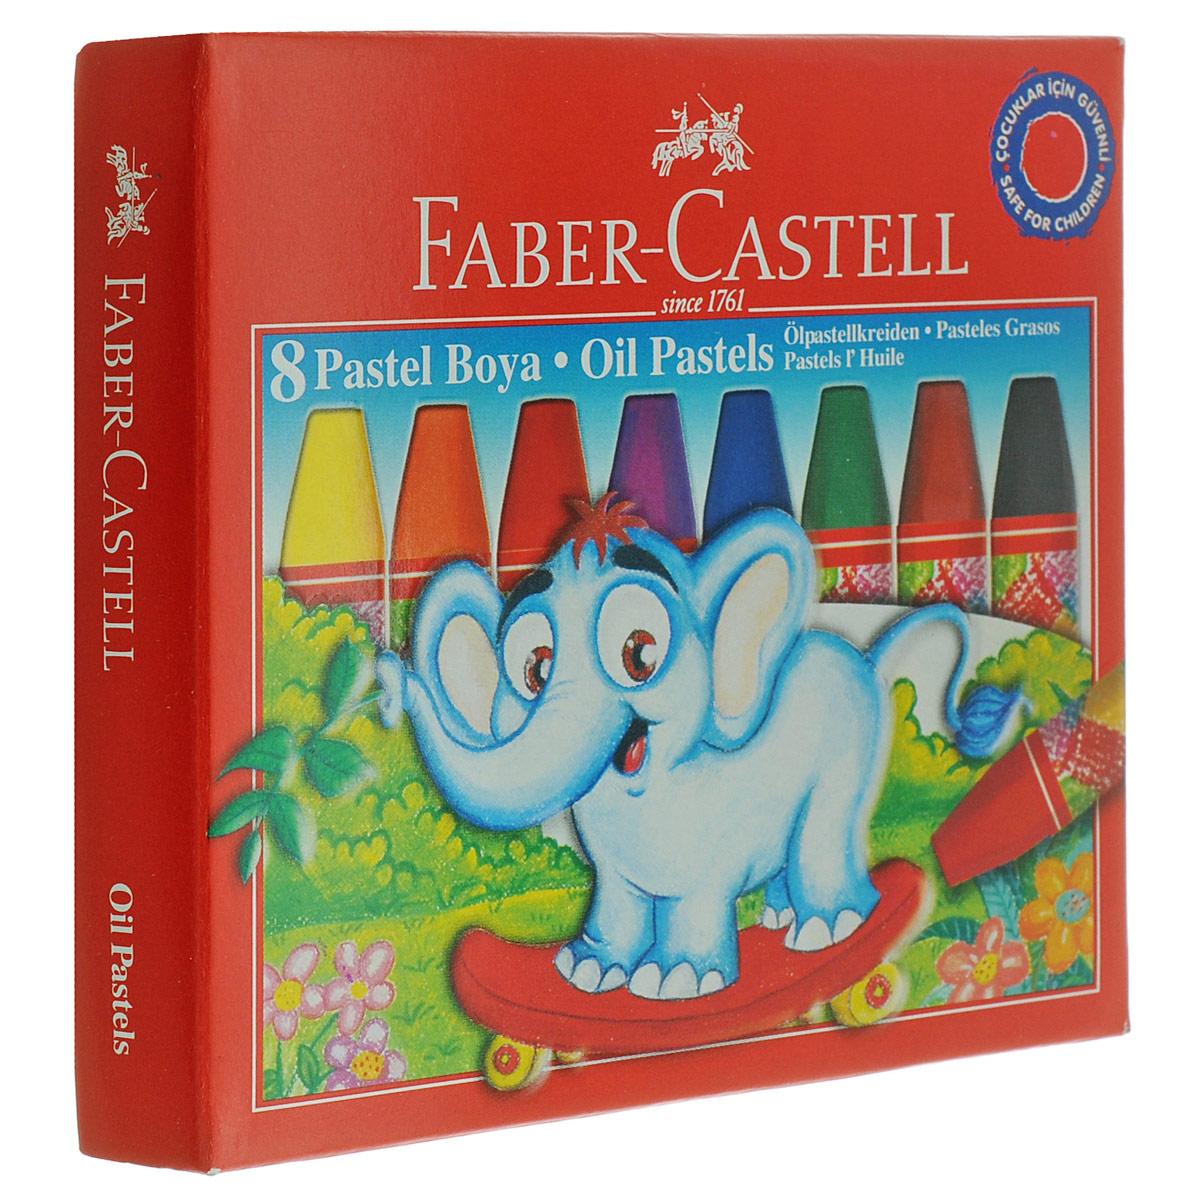 Масляная пастель Faber-Castell, 8 цветов125308Масляная пастель Faber-Castell включает в себя 8 мелков насыщенных цветов - желтого, оранжевого, красного, фиолетового, синего, зеленого, коричневого и черного.Пастель отличается высоким качеством и впечатляюще яркими цветами. Она обеспечит комфортное и мягкое рисования. Благодаря однородной консистенции пастель не крошится. Превосходно ложится на бумагу, картон, дерево и камень, устойчива к температуре. Цвета можно смешивать для получения новых оттенков.Масляная пастель Faber-Castell, безопасная для малыша, позволит вашему маленькому художнику раскрыть свой талант. Подарите своему ребенку радость творчества!